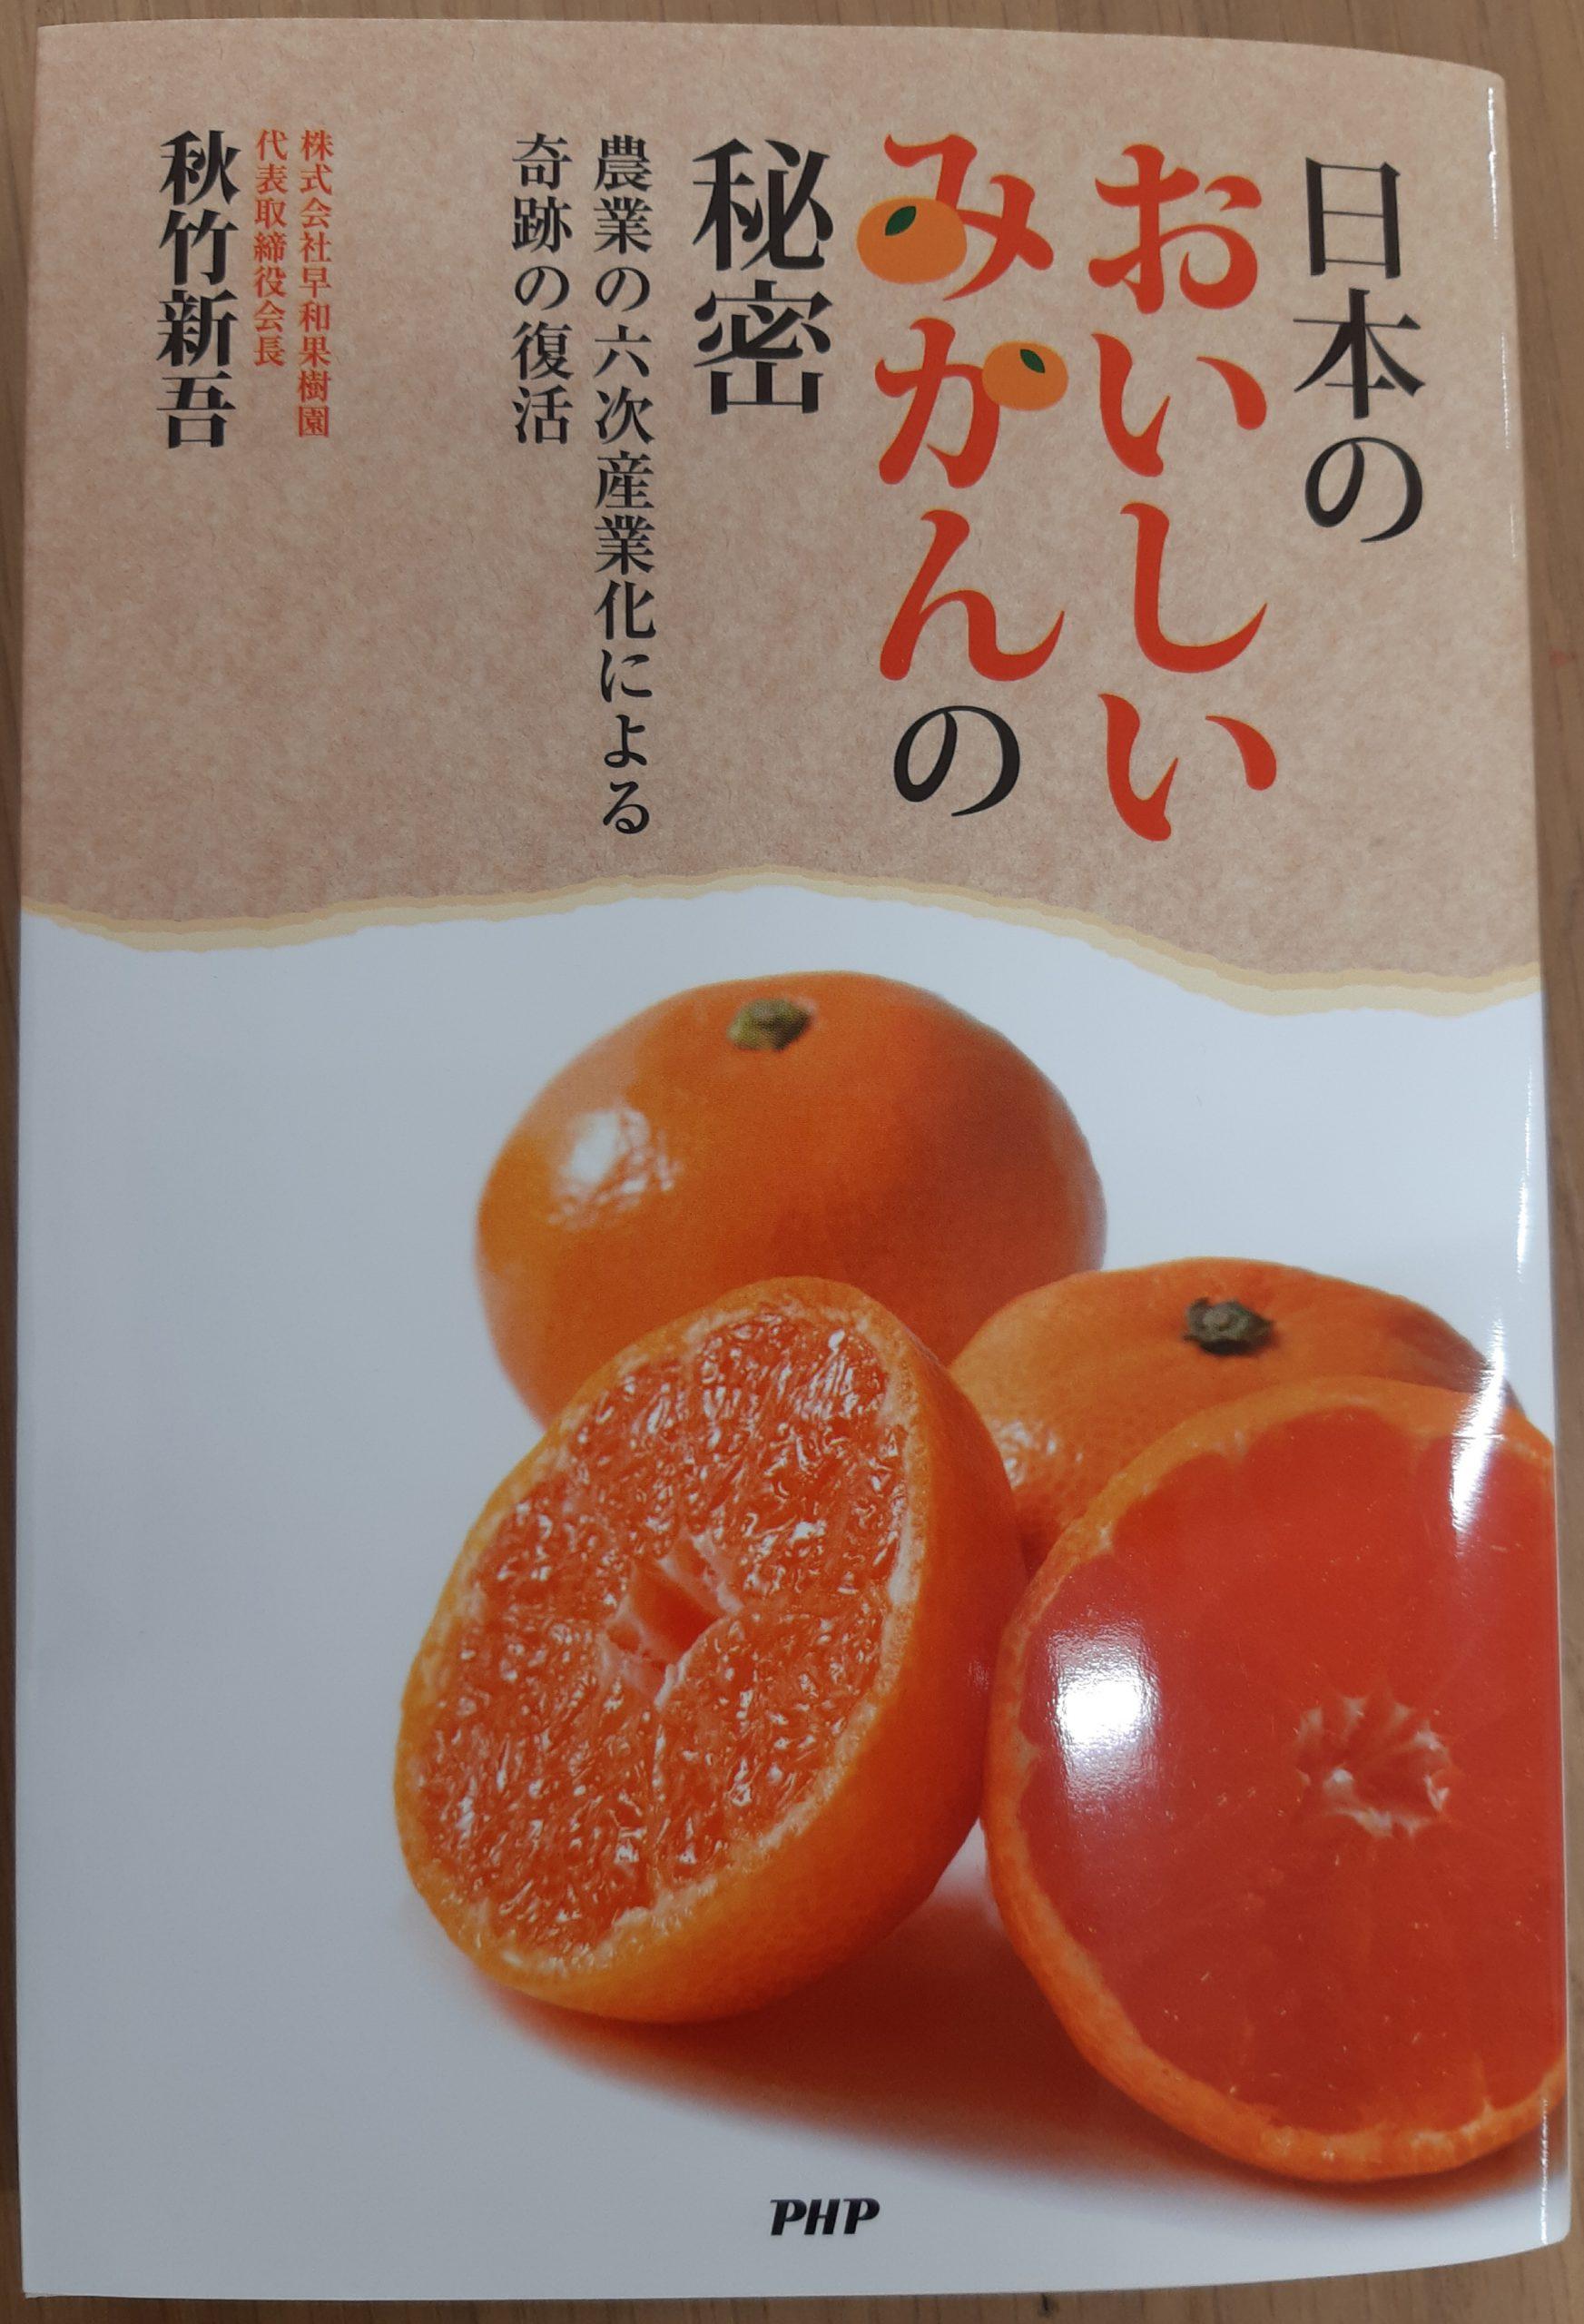 日本のおいしいみかんの秘密